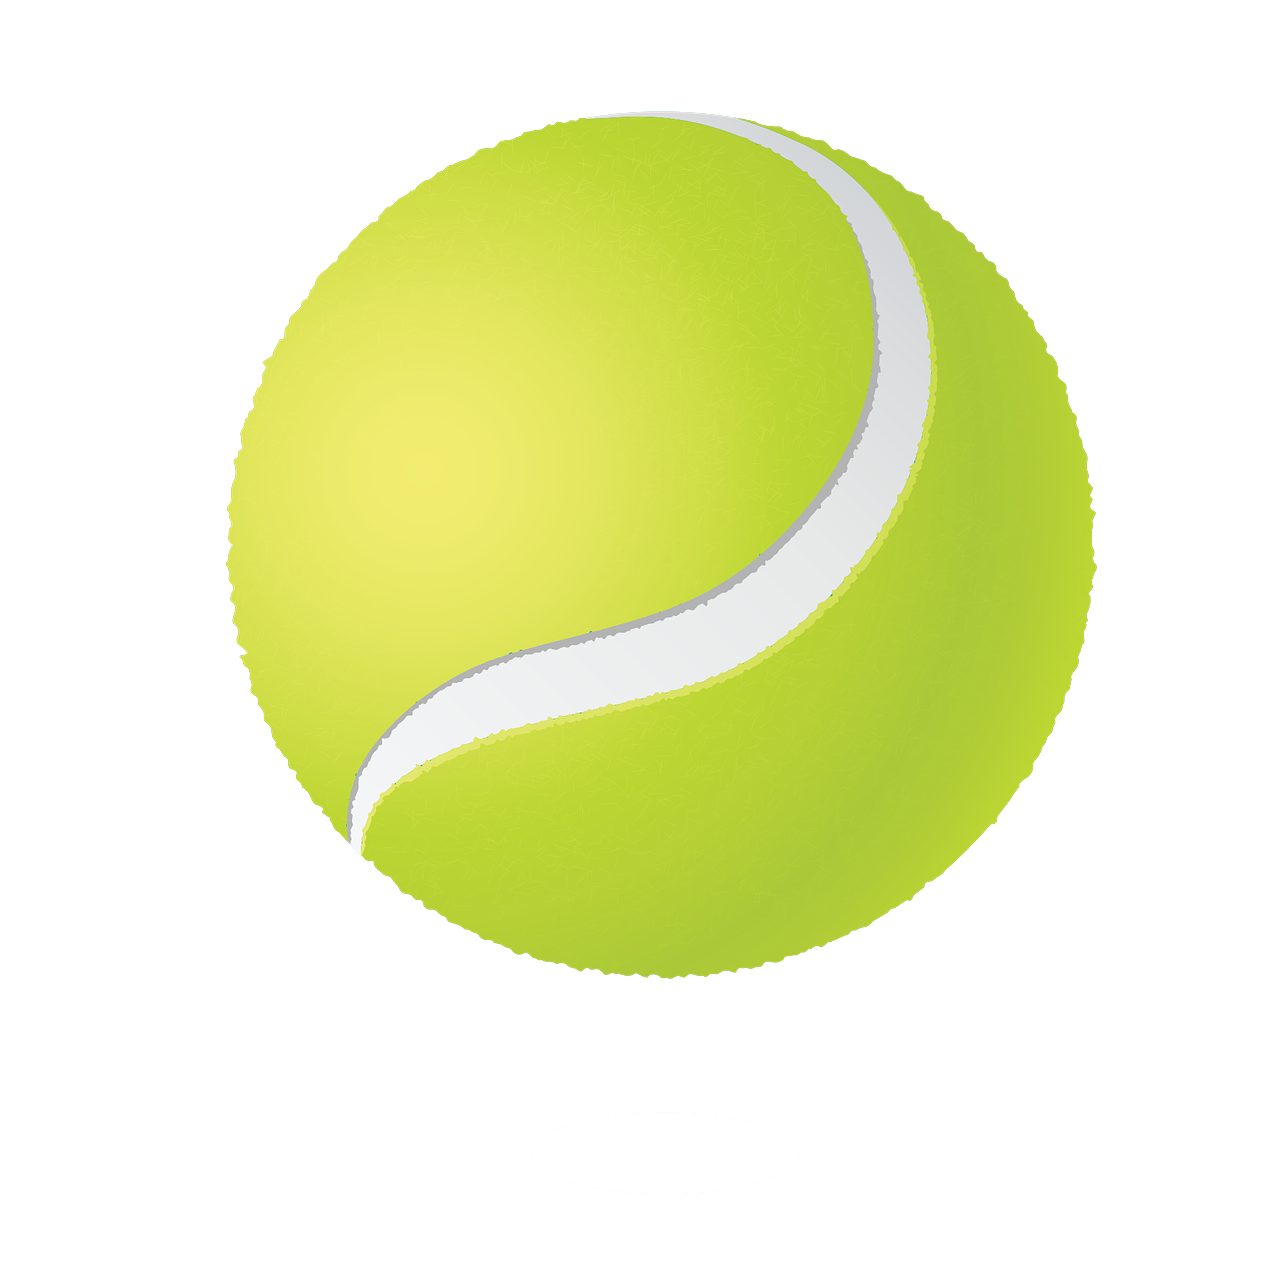 tennisball.png